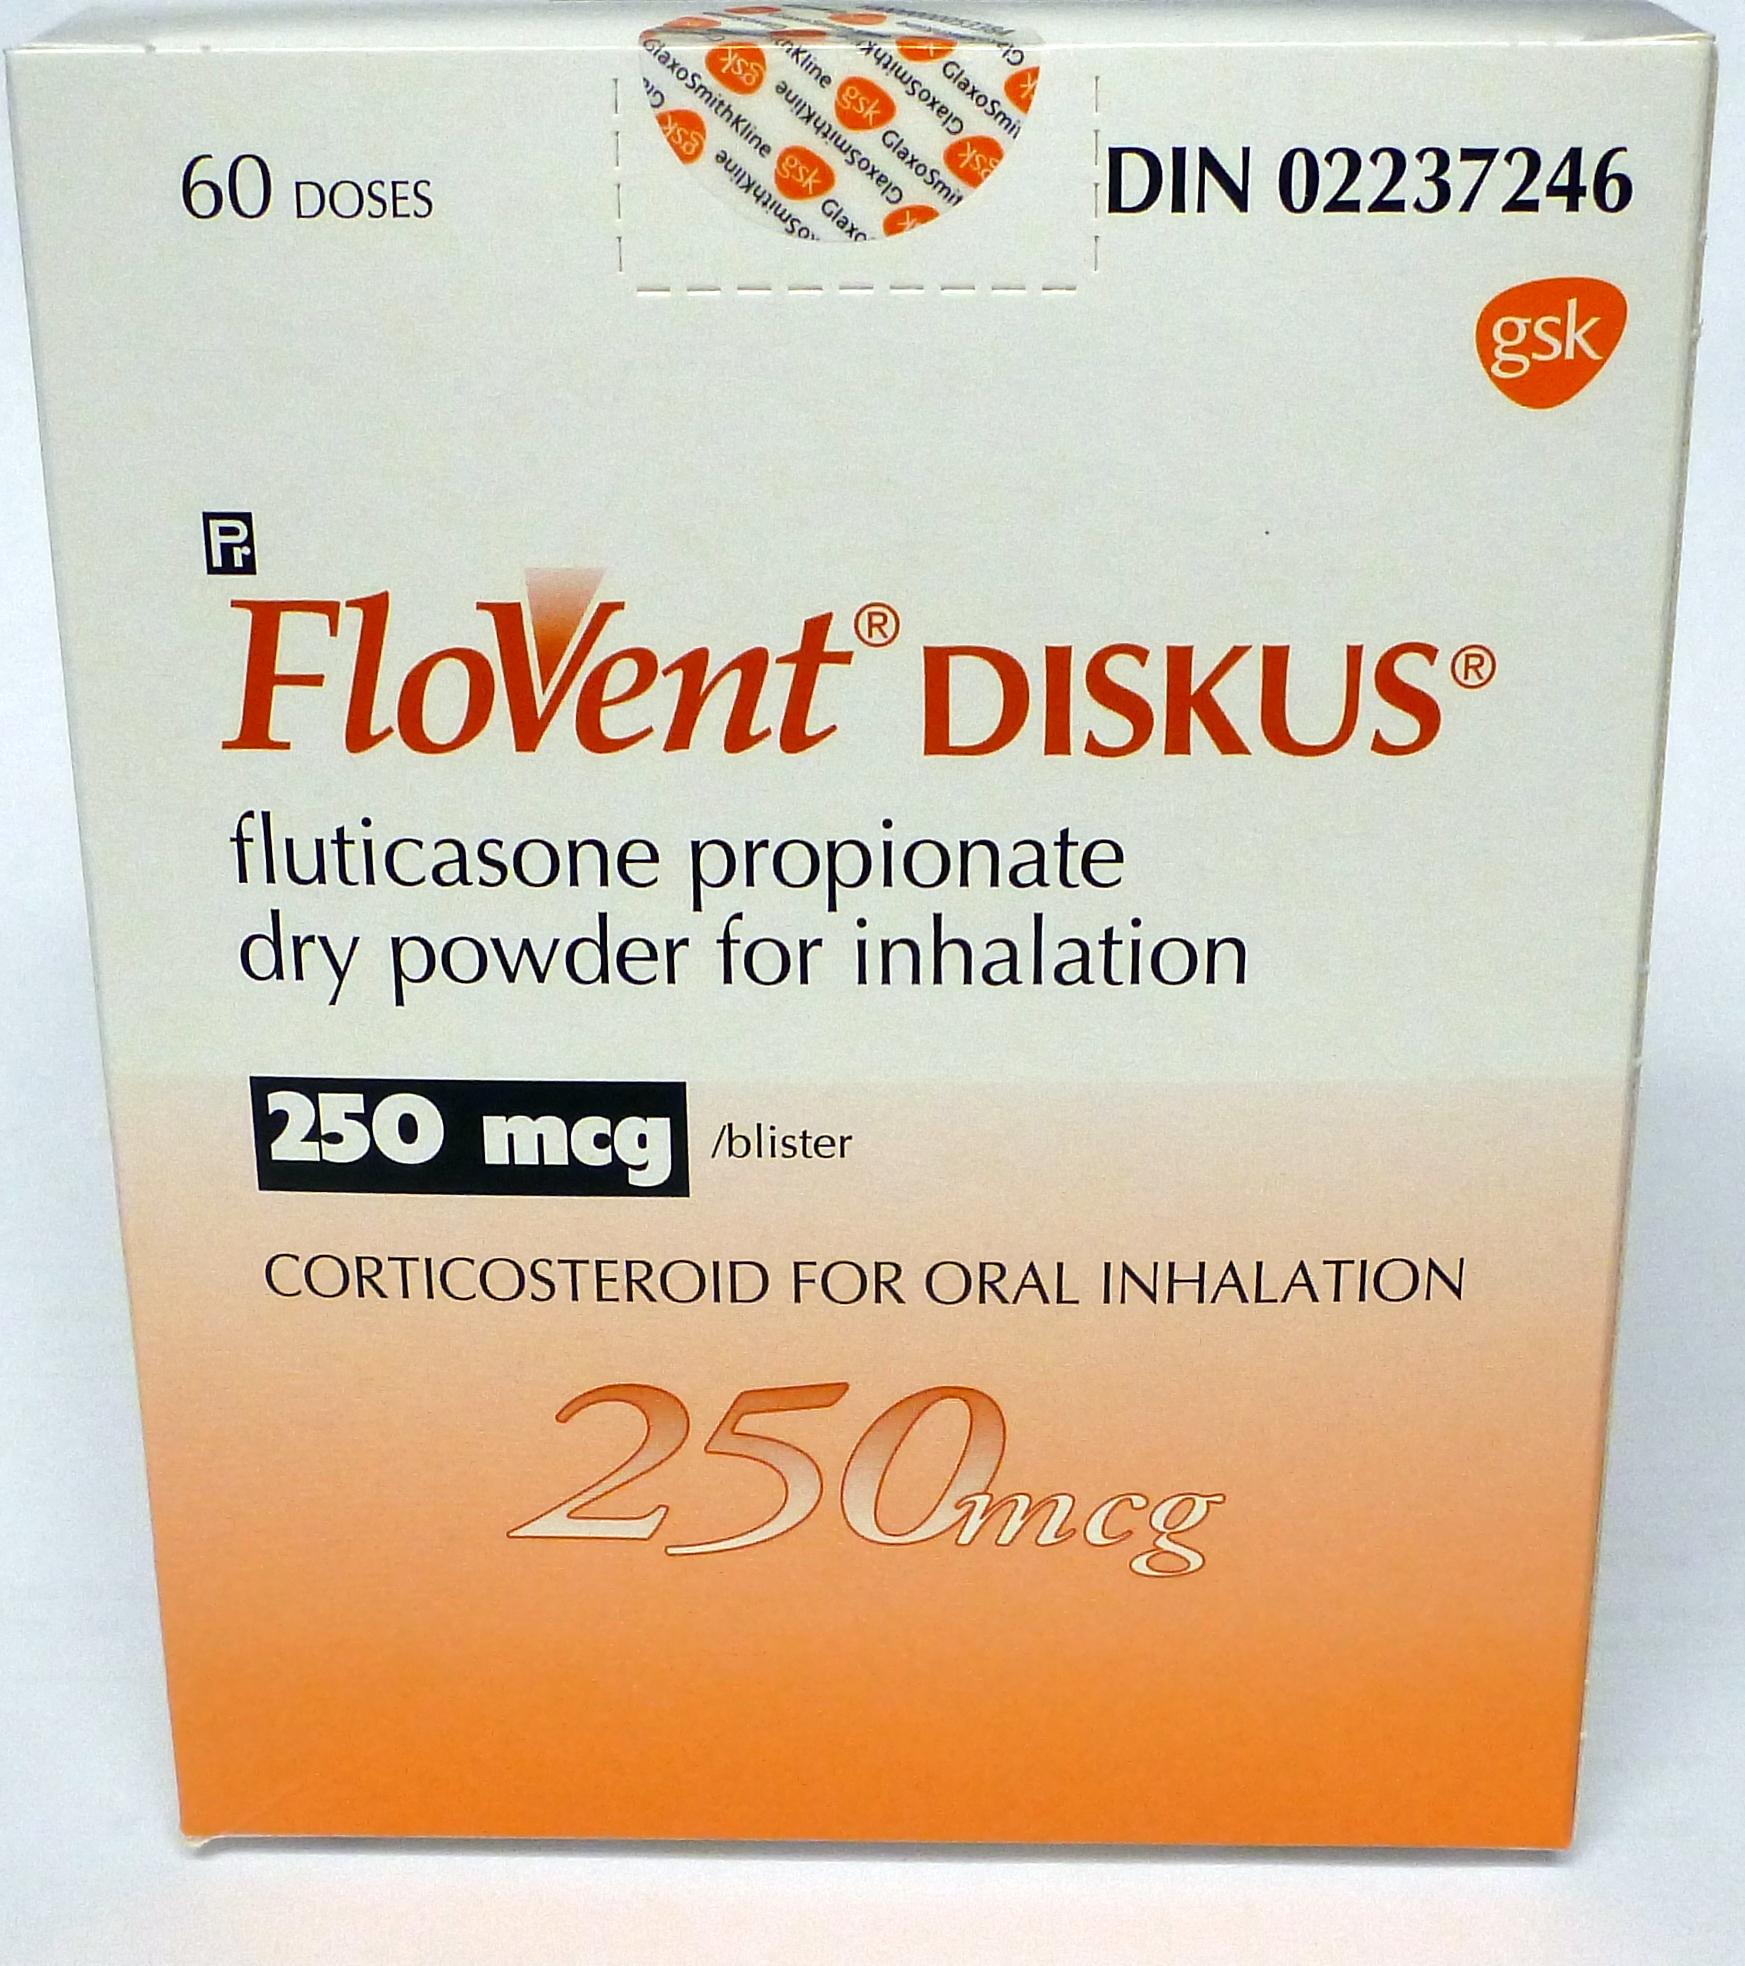 Buy Flovent Diskus Inhalers Online